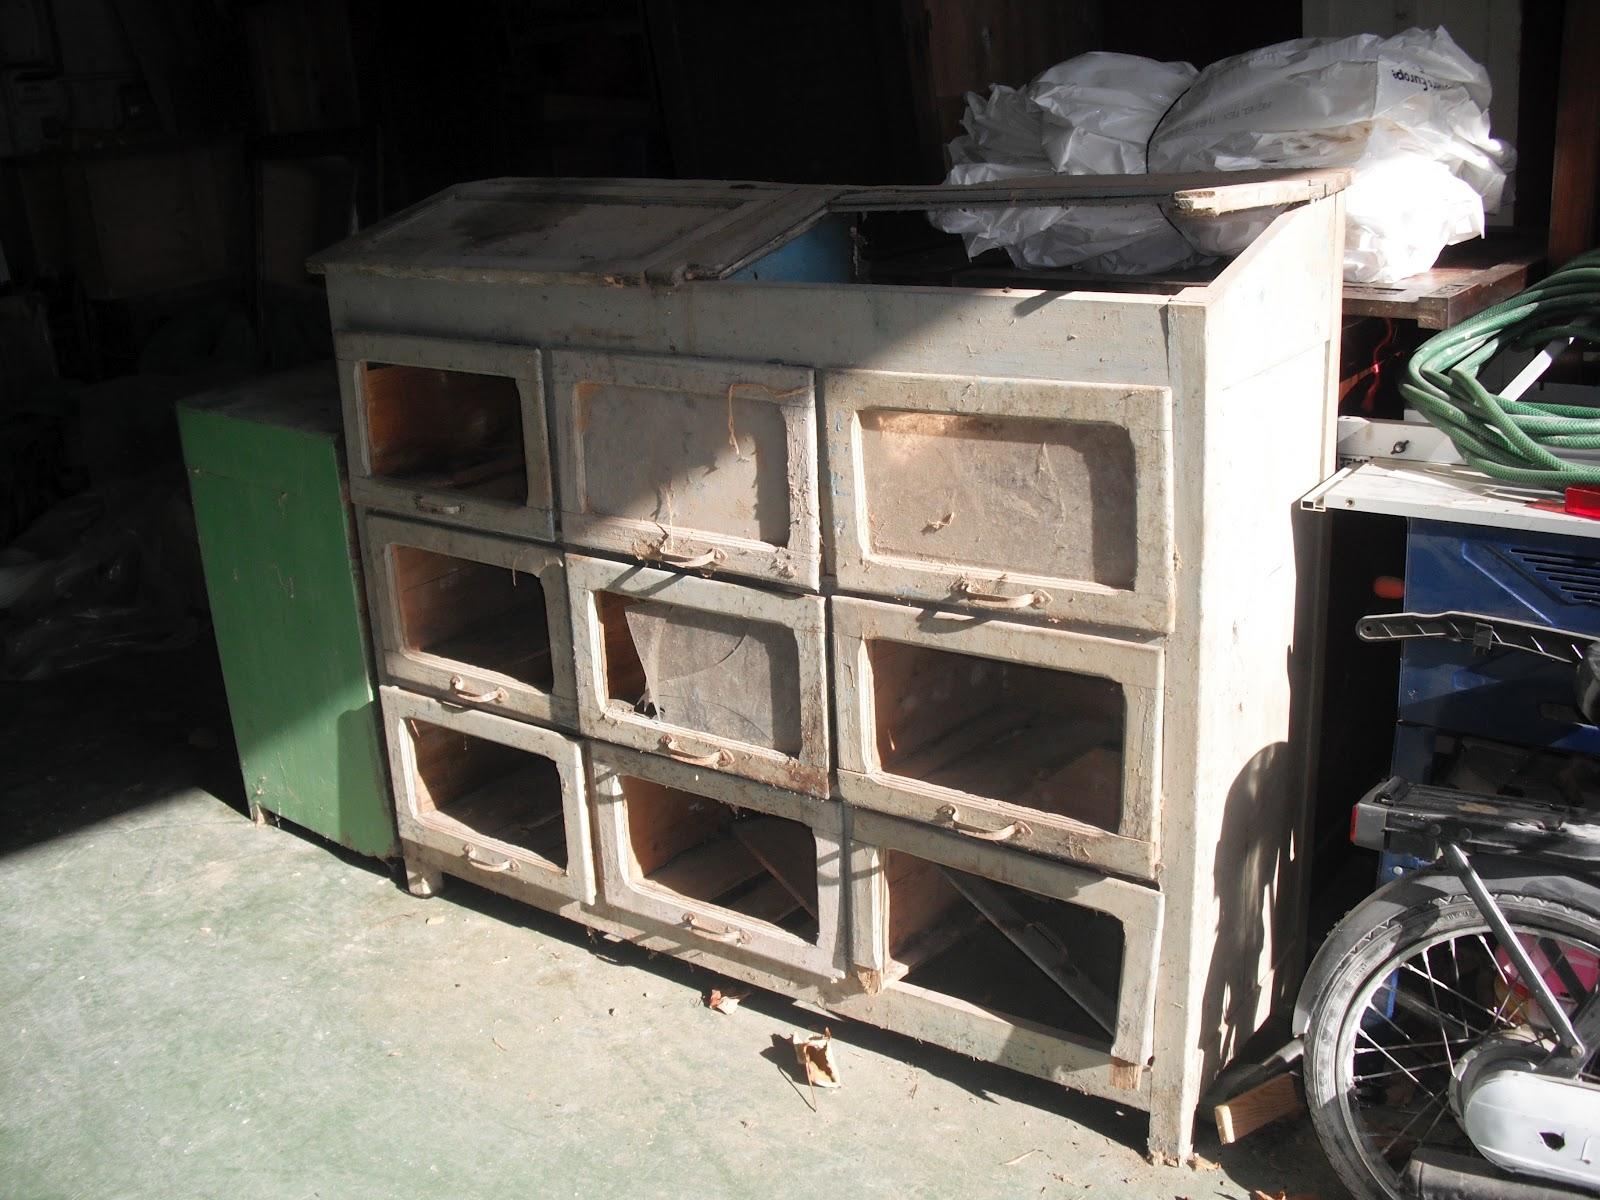 Iromani restauro pastaia primi 39 900 ancora da restaurare for Vendita mobili da restaurare